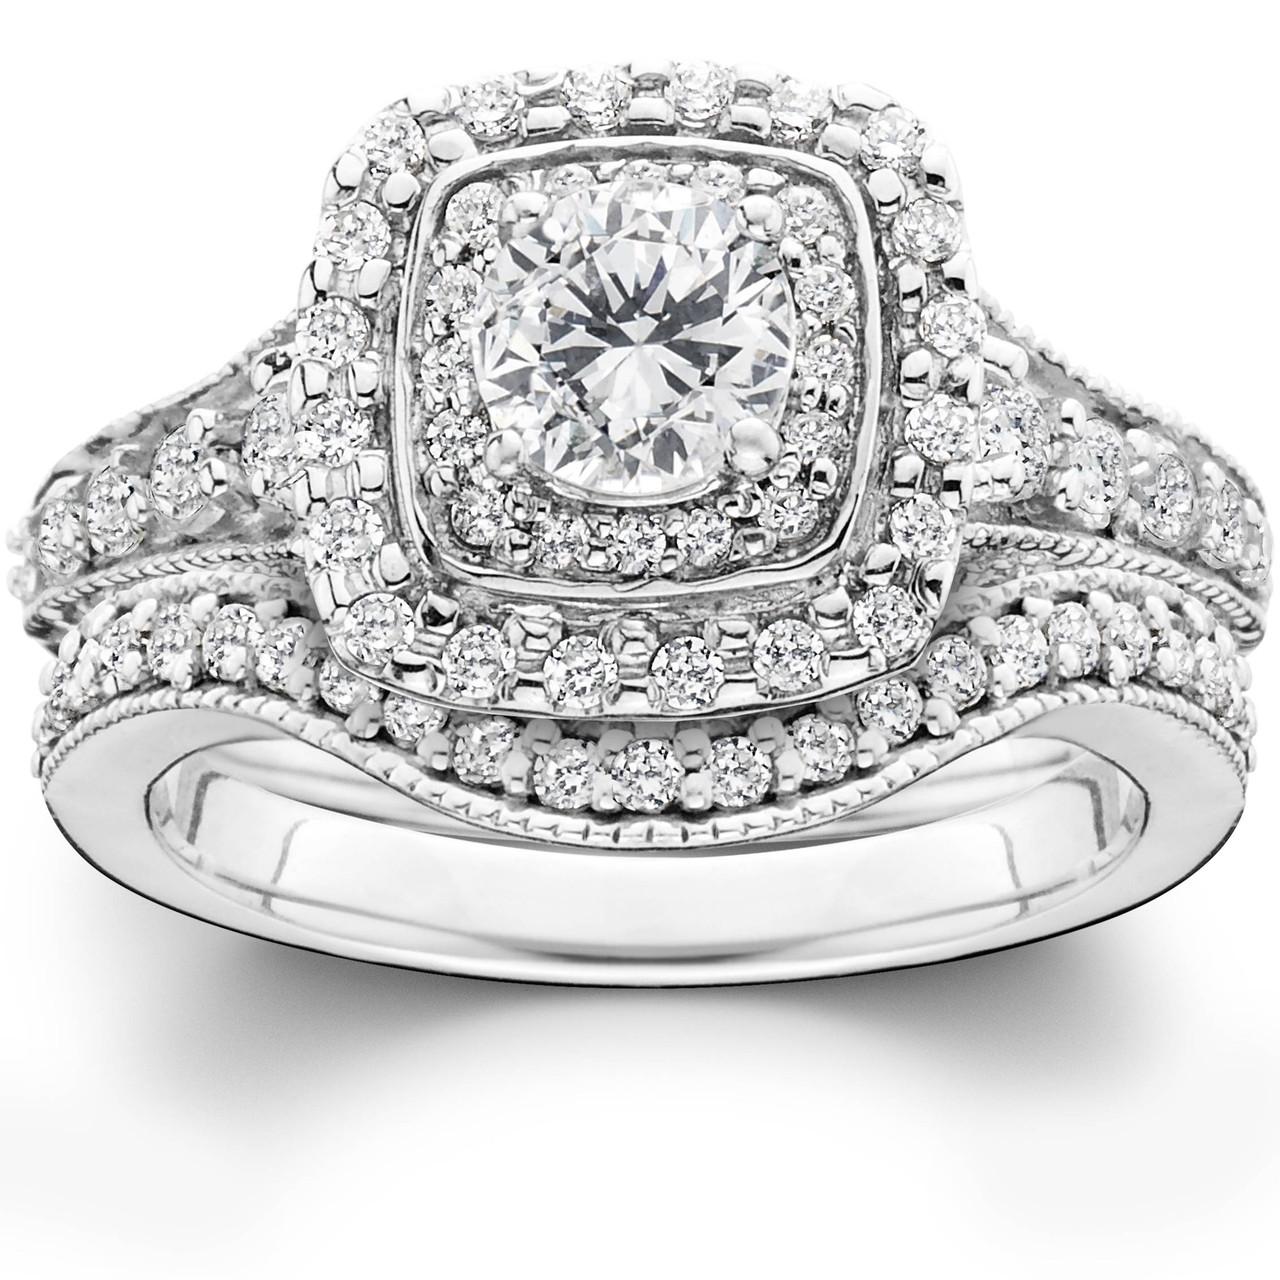 1 3 4ct Double Halo Vintage Style Engagement Wedding Ring Set 14k